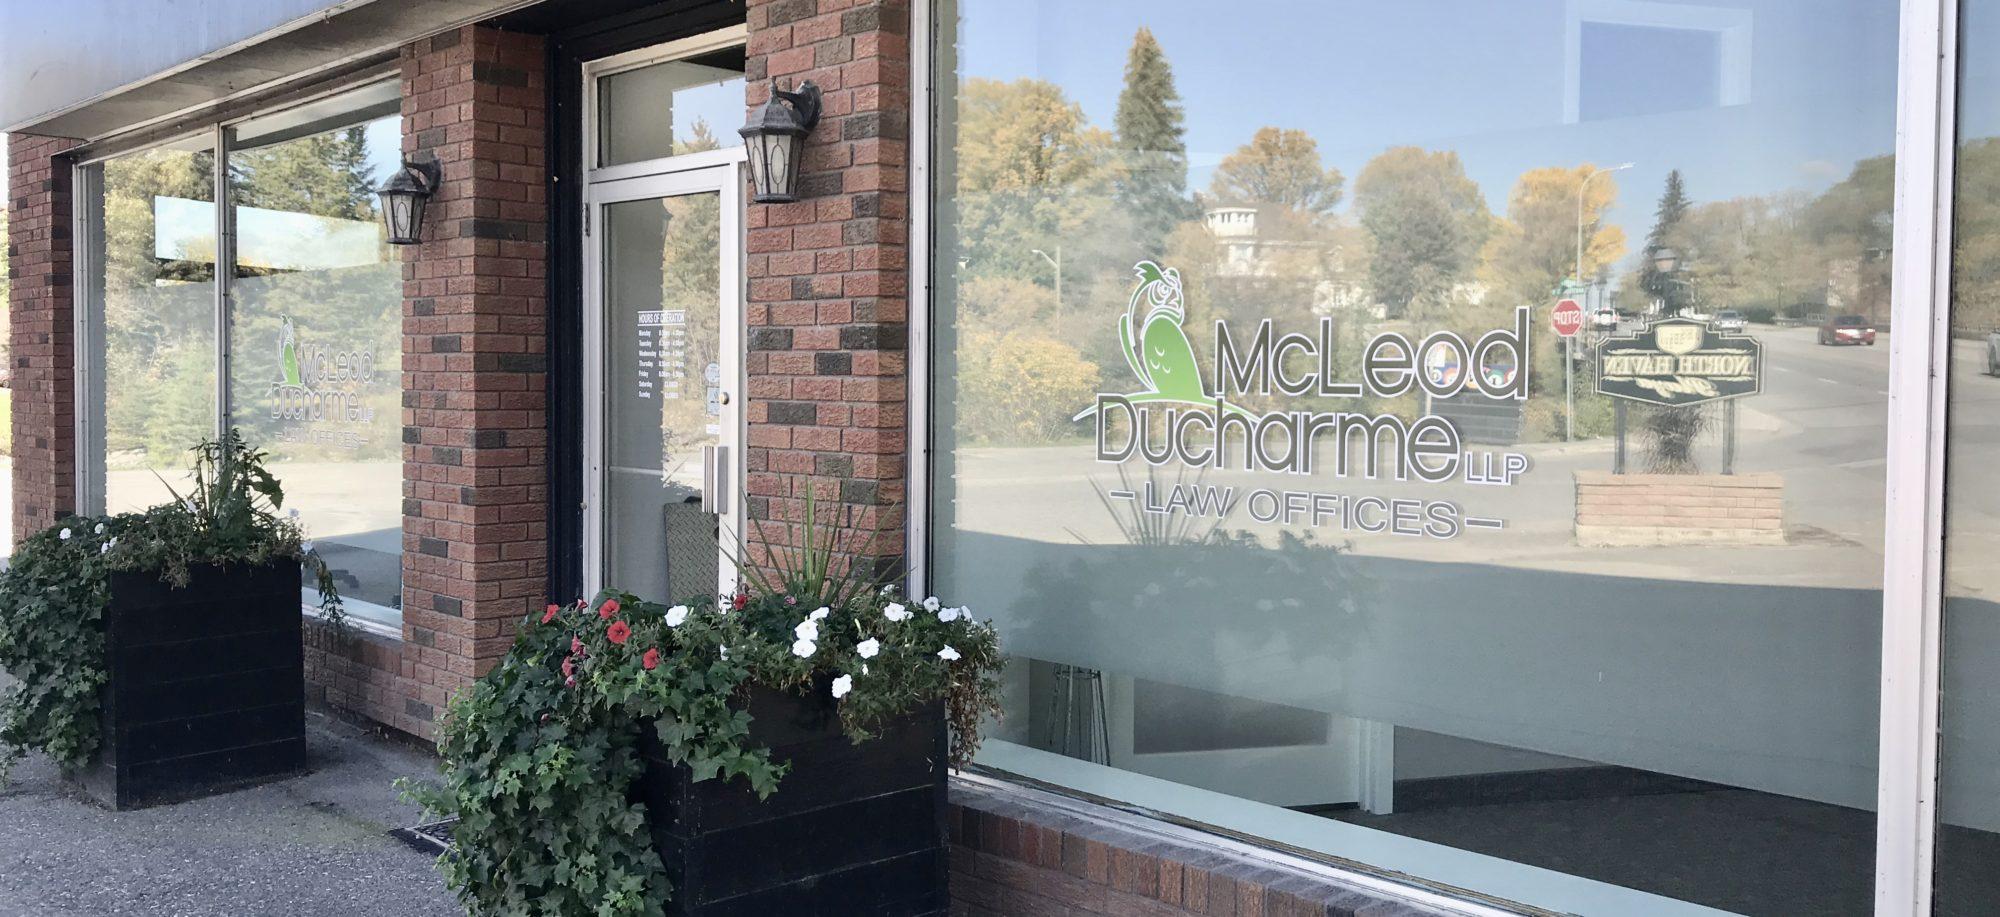 McLeod Ducharme LLP